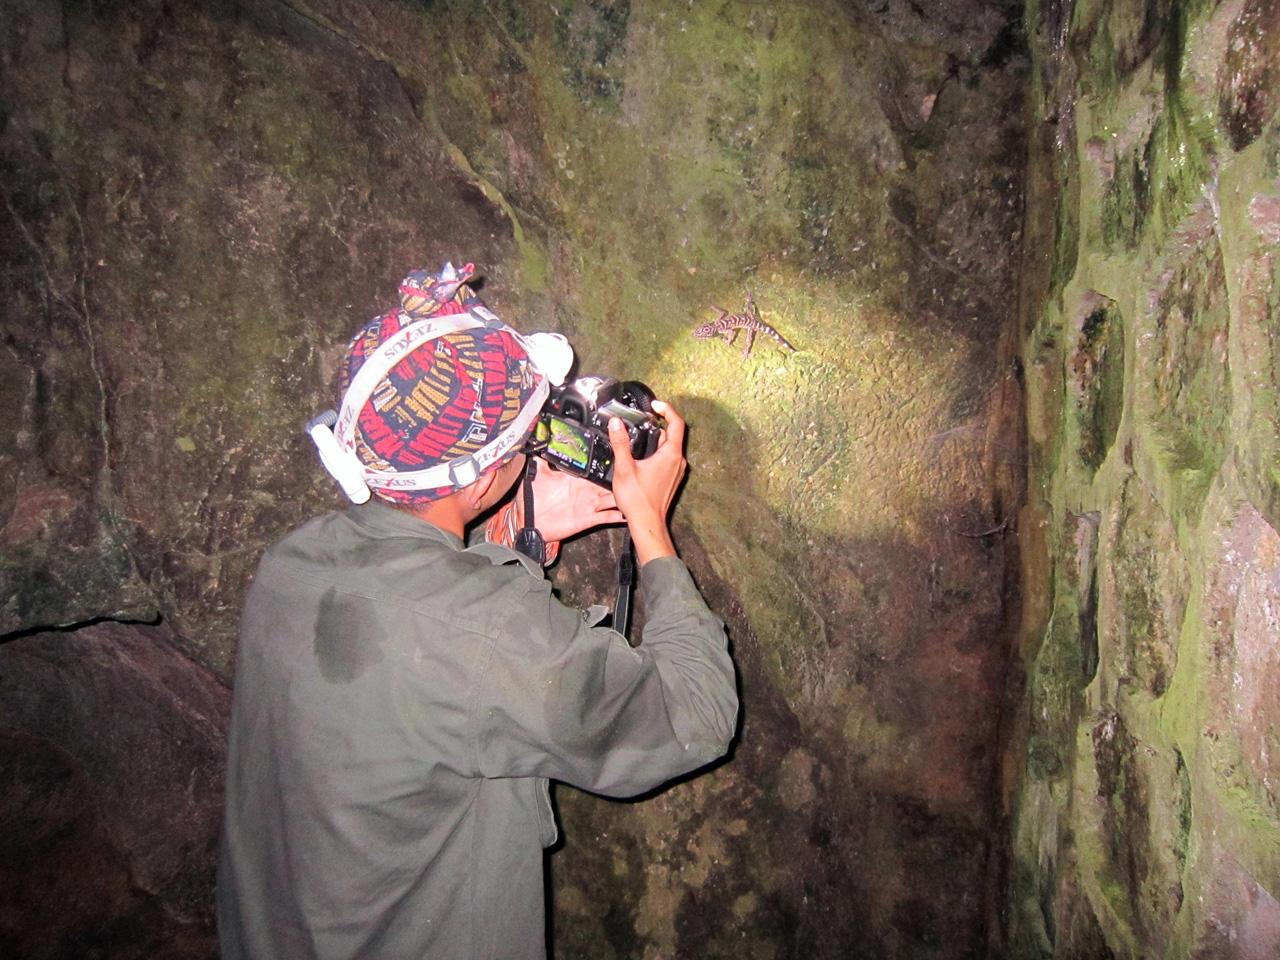 Ly kỳ chuyện đêm lạnh đi tìm loài thạch sùng mí bí ẩn ở Vịnh Hạ Long - Ảnh 6.